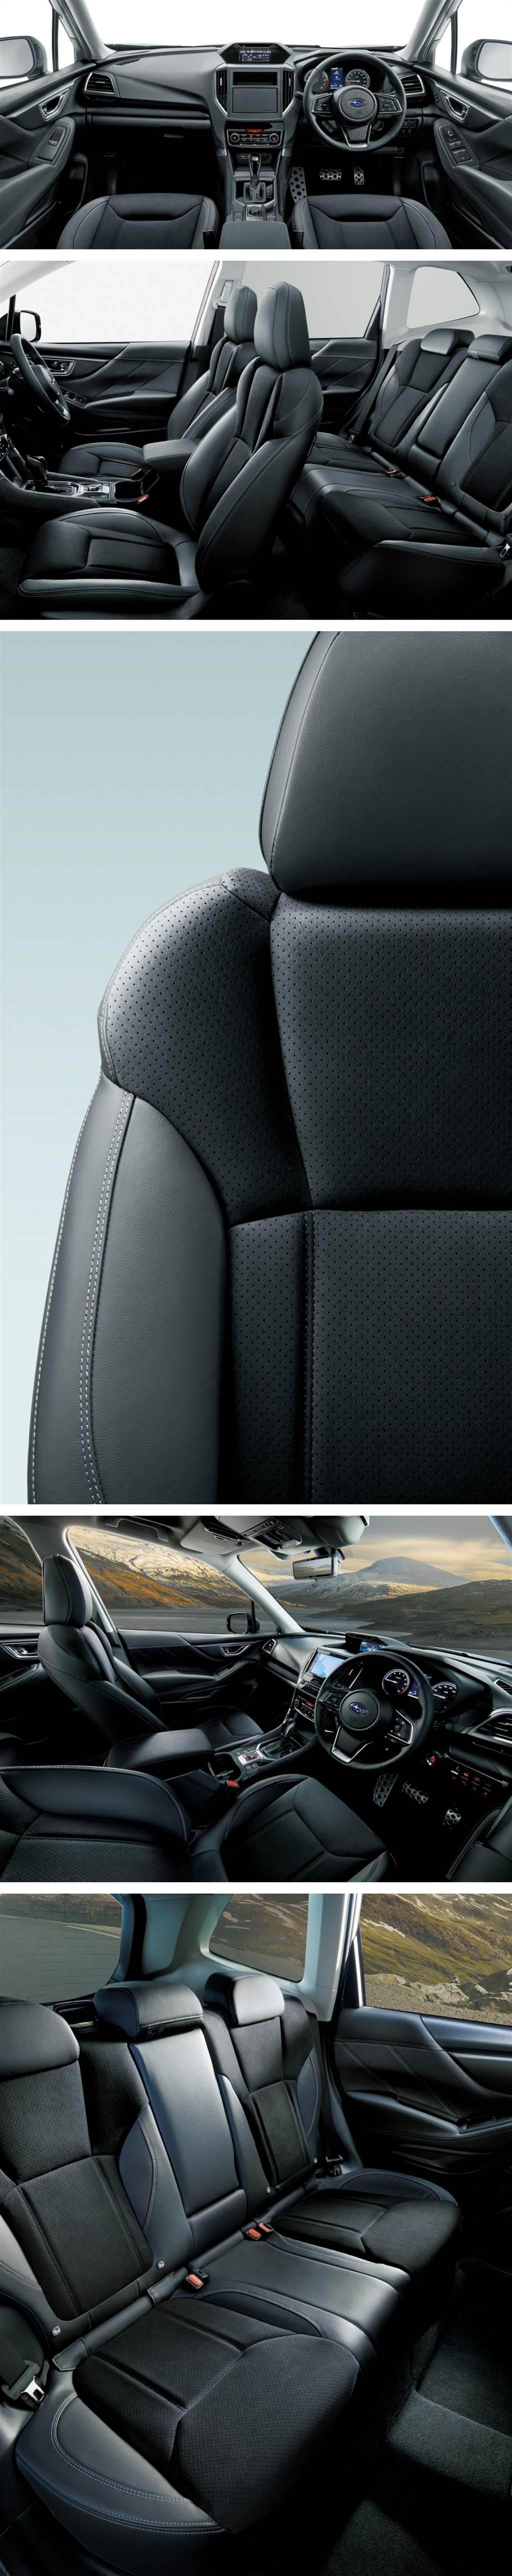 新增 1.8 CB18 DIT 渦輪增壓引擎,Subaru Forester Sport 日規新年式登場!